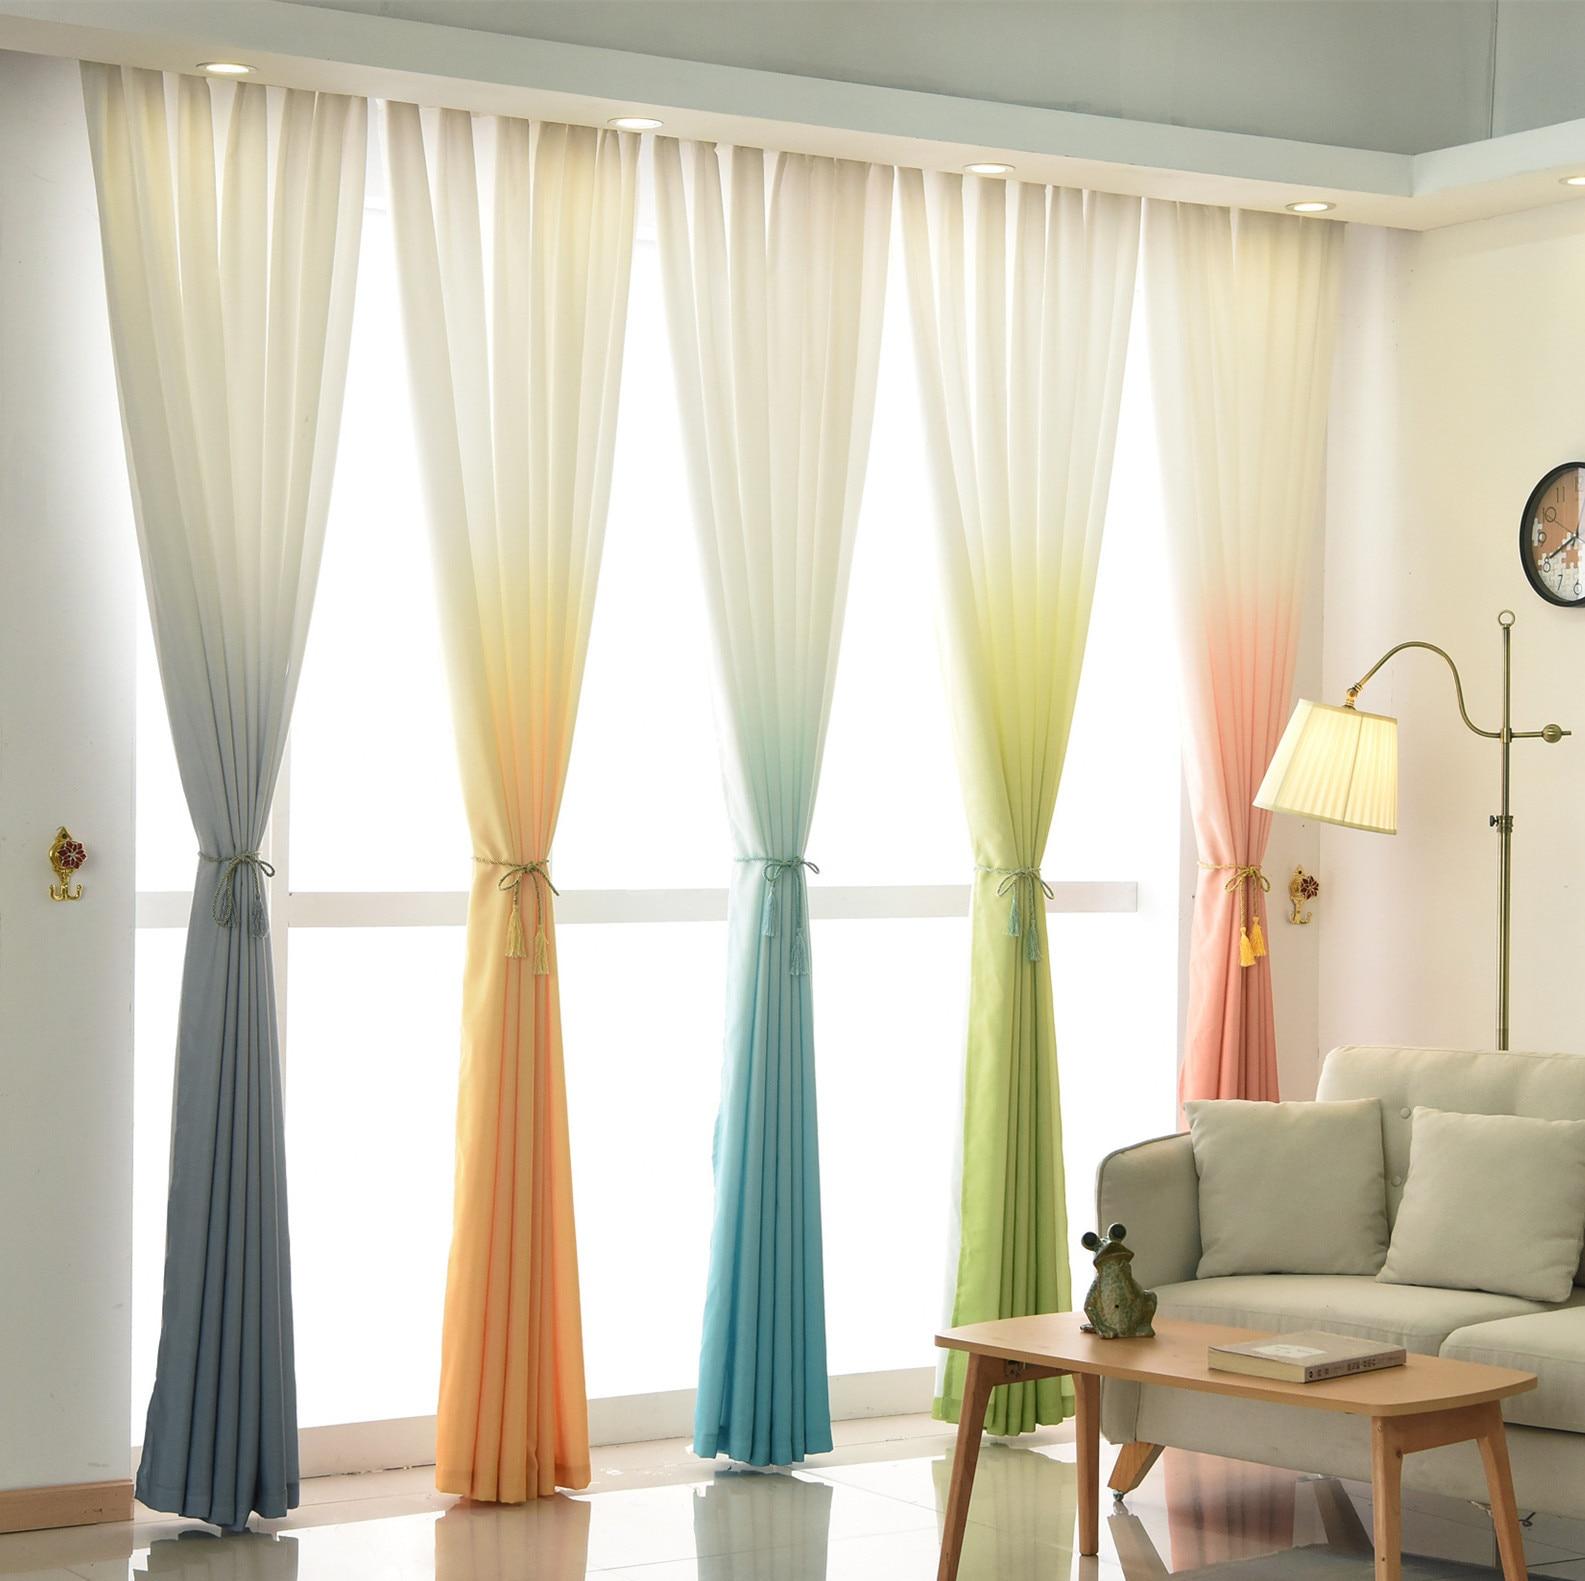 colore solido arcobaleno estate finestra tenda moderna camera da letto soggiorno moderno tenda voile pannello puro tenda cucina